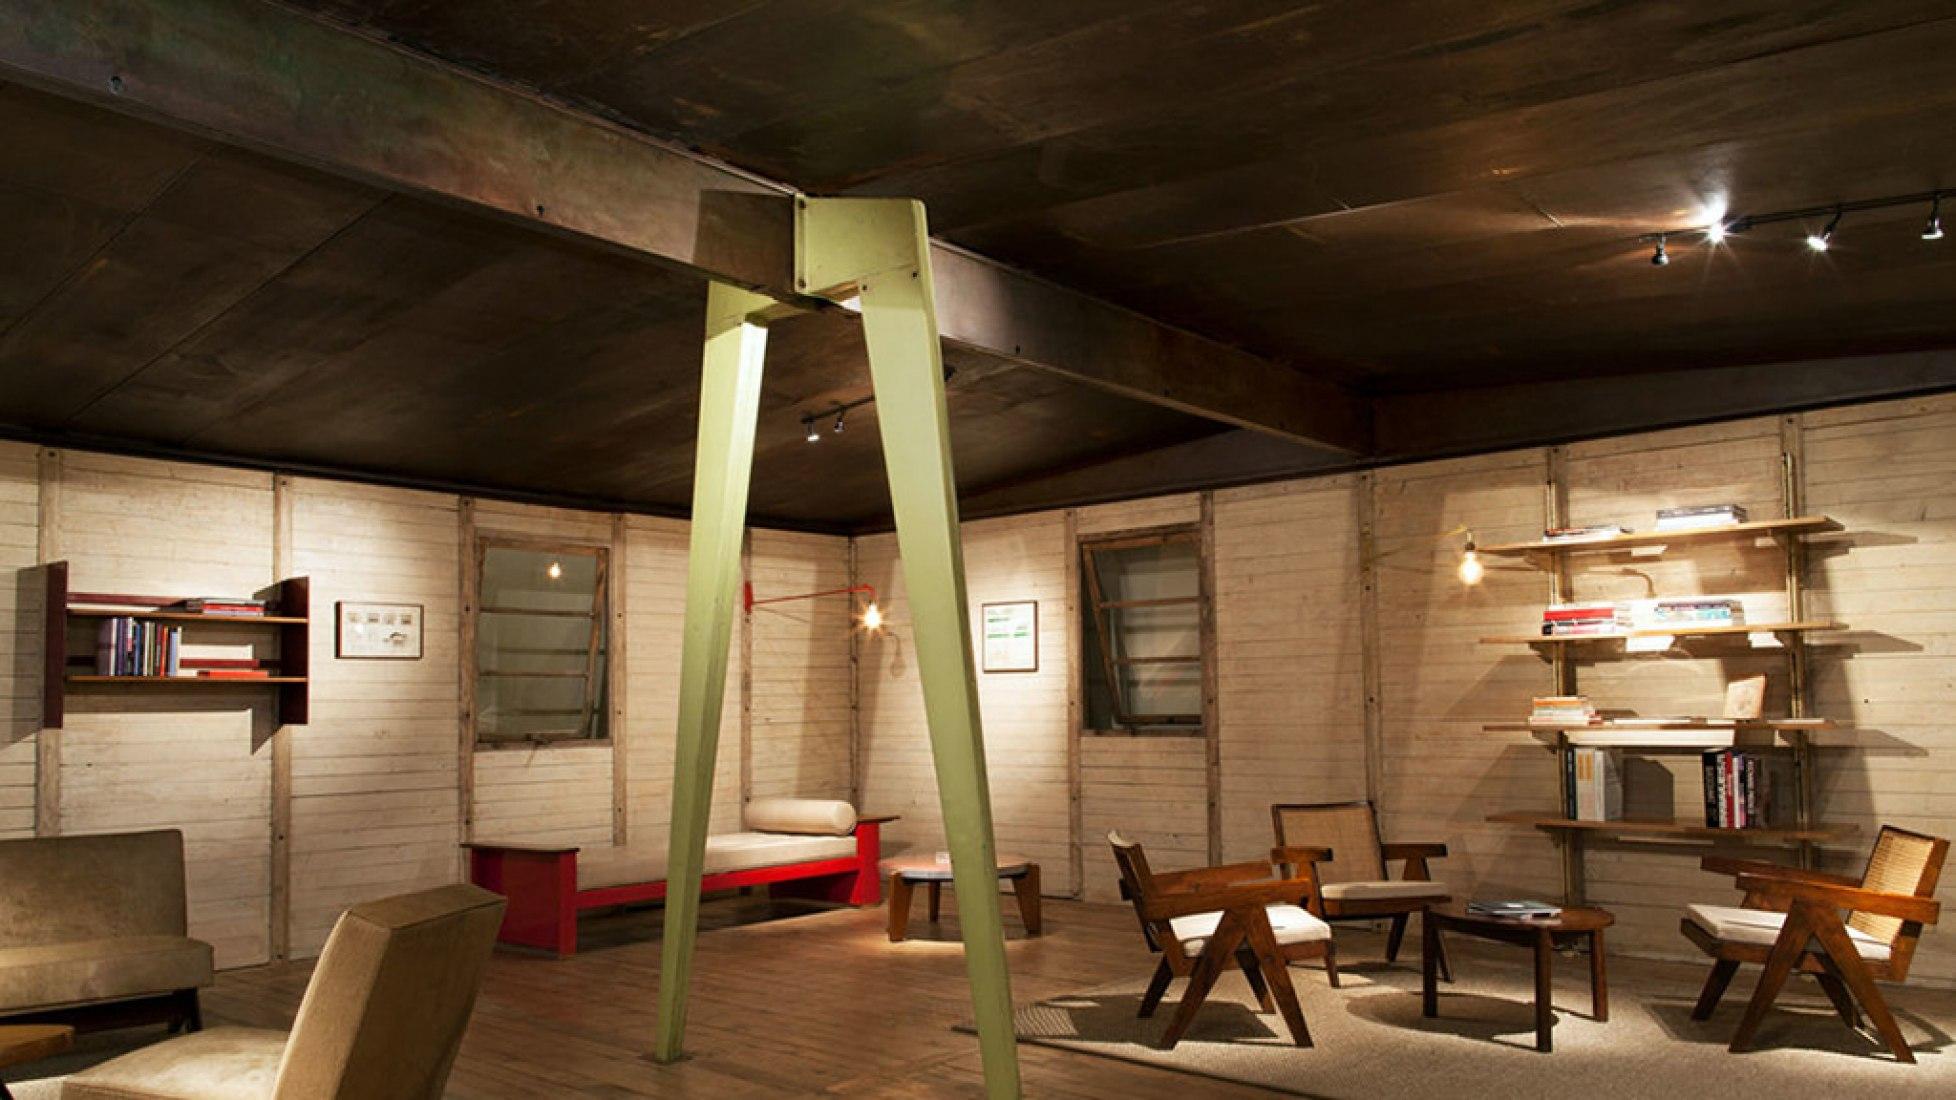 Maison 8x8, 1945 by Jean Prouvé. Galerie Patrick Seguin At Design Miami.